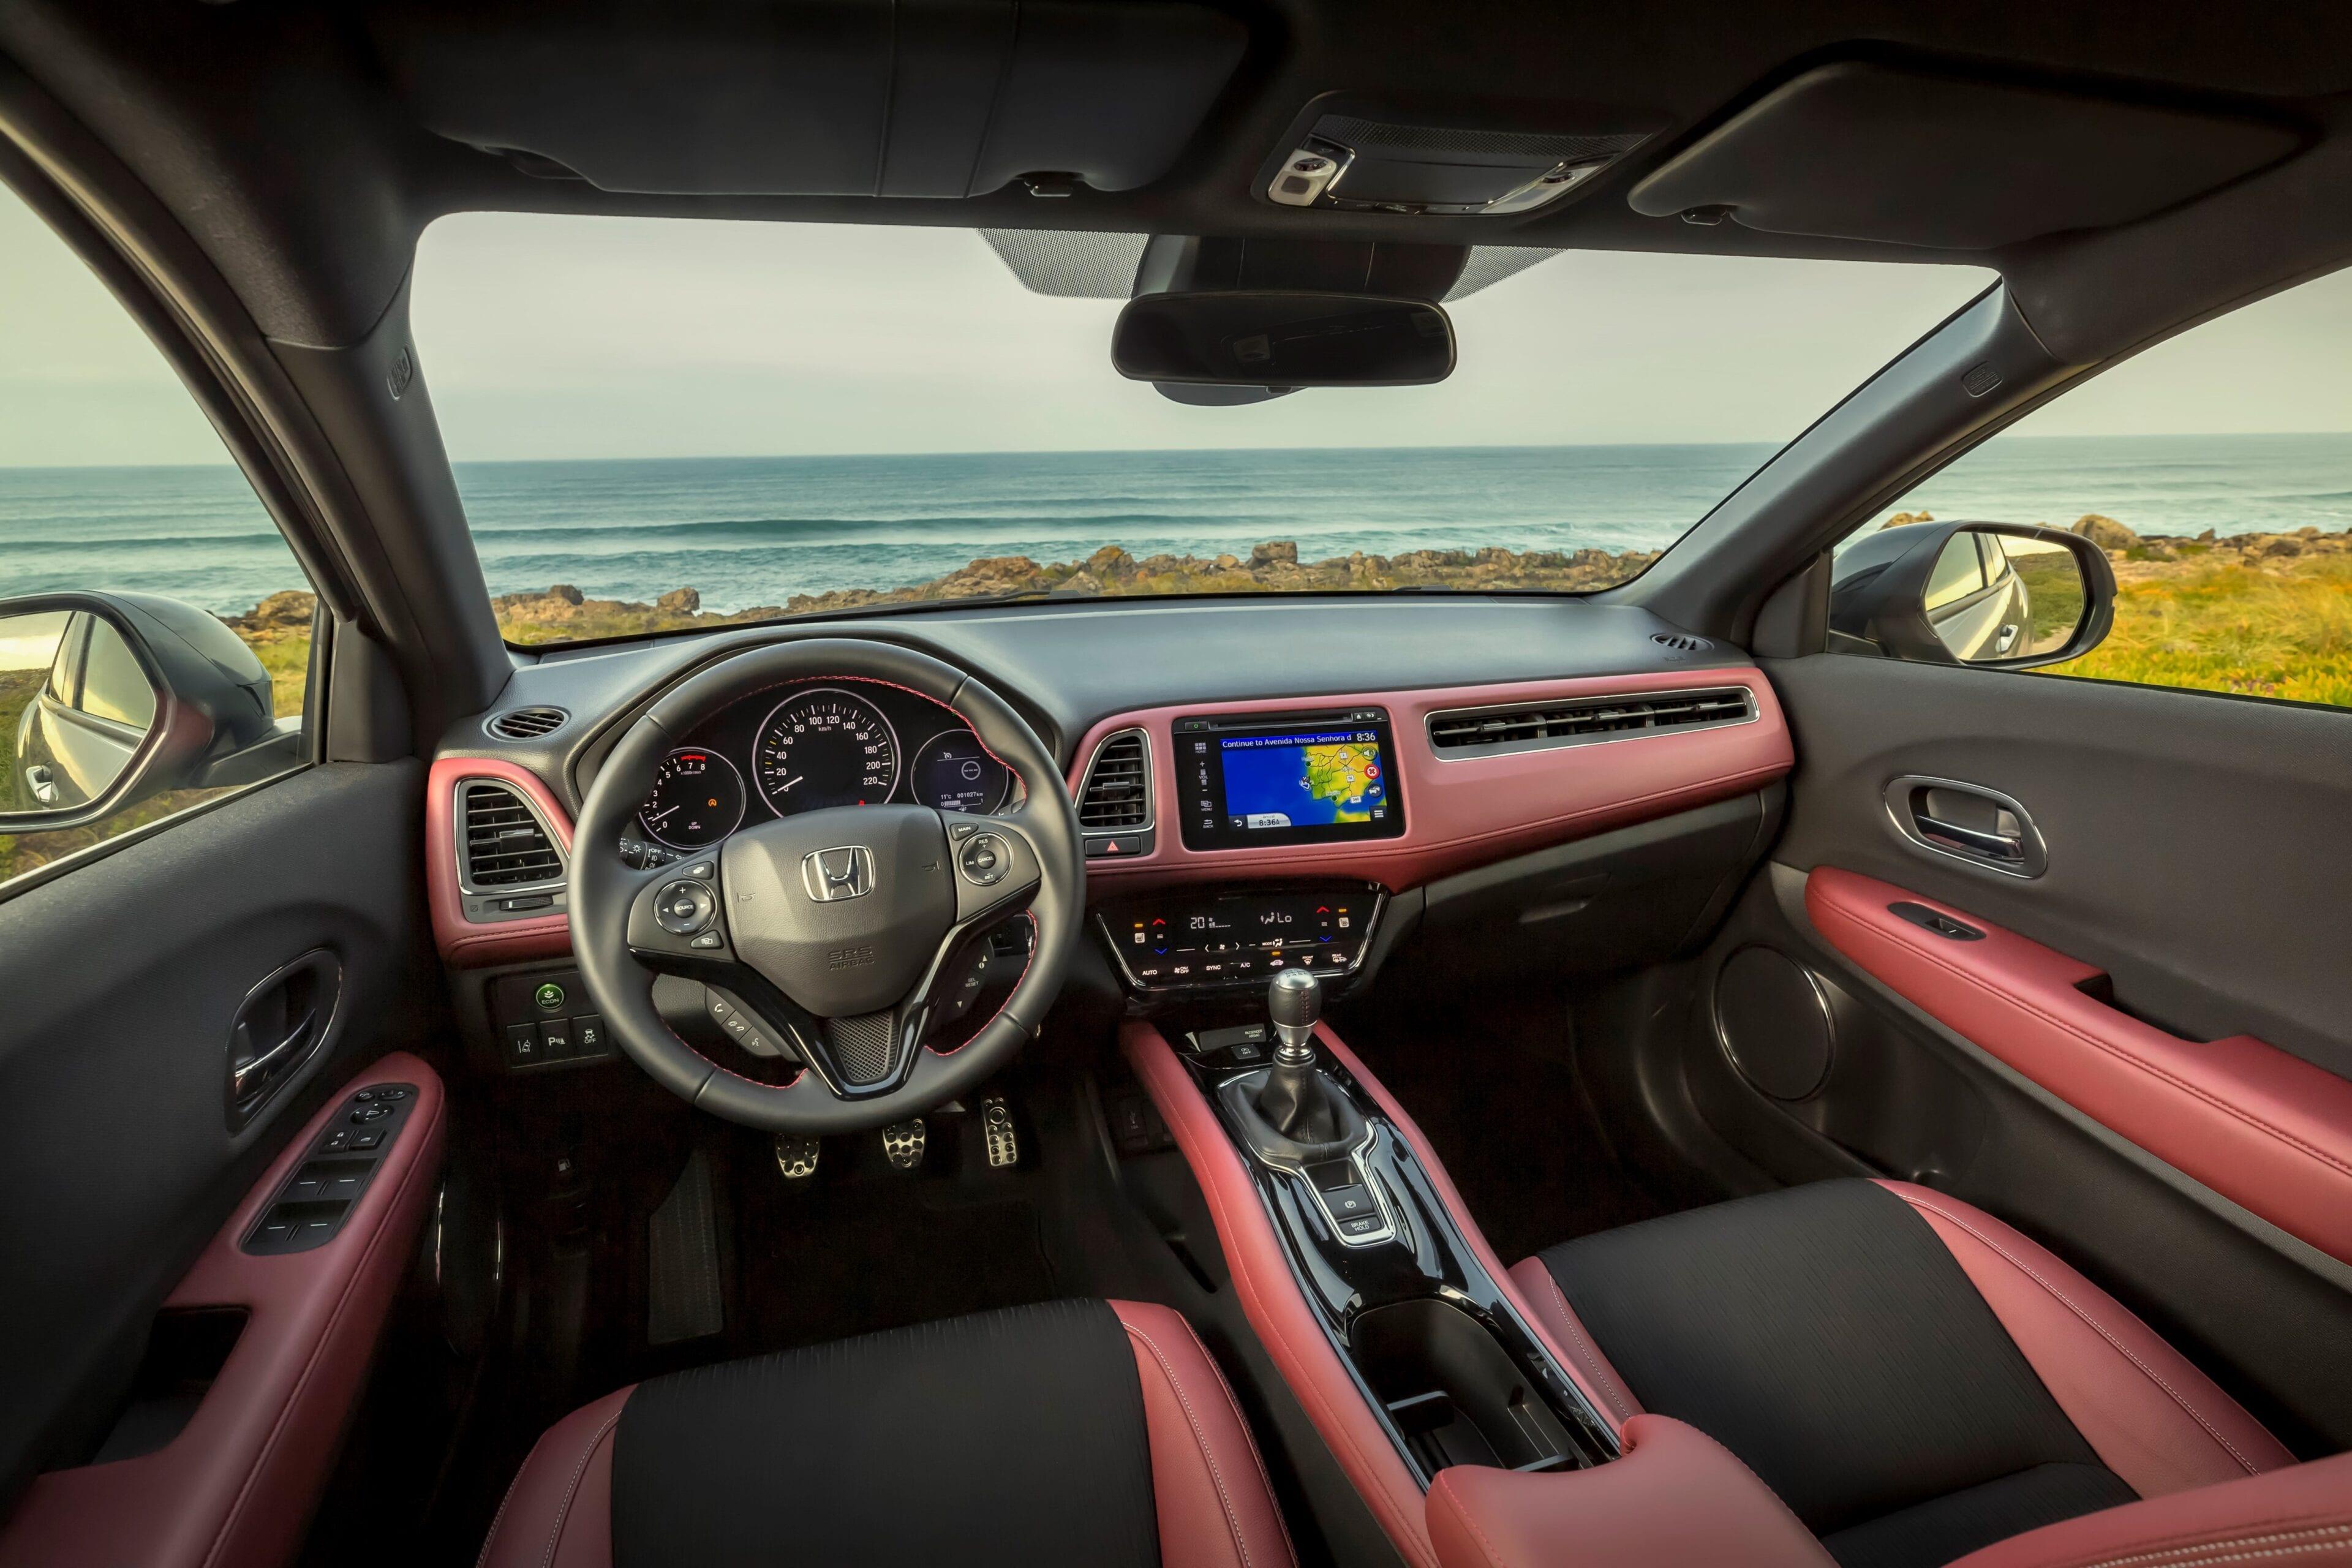 Het stijlvolle dashboard beschikt over de nieuwste technologieën, en is ongelooflijk eenvoudig in gebruik. De dubbele climate control, de elektrisch verstelbare buitenspiegels en de verwarmde voorstoelen